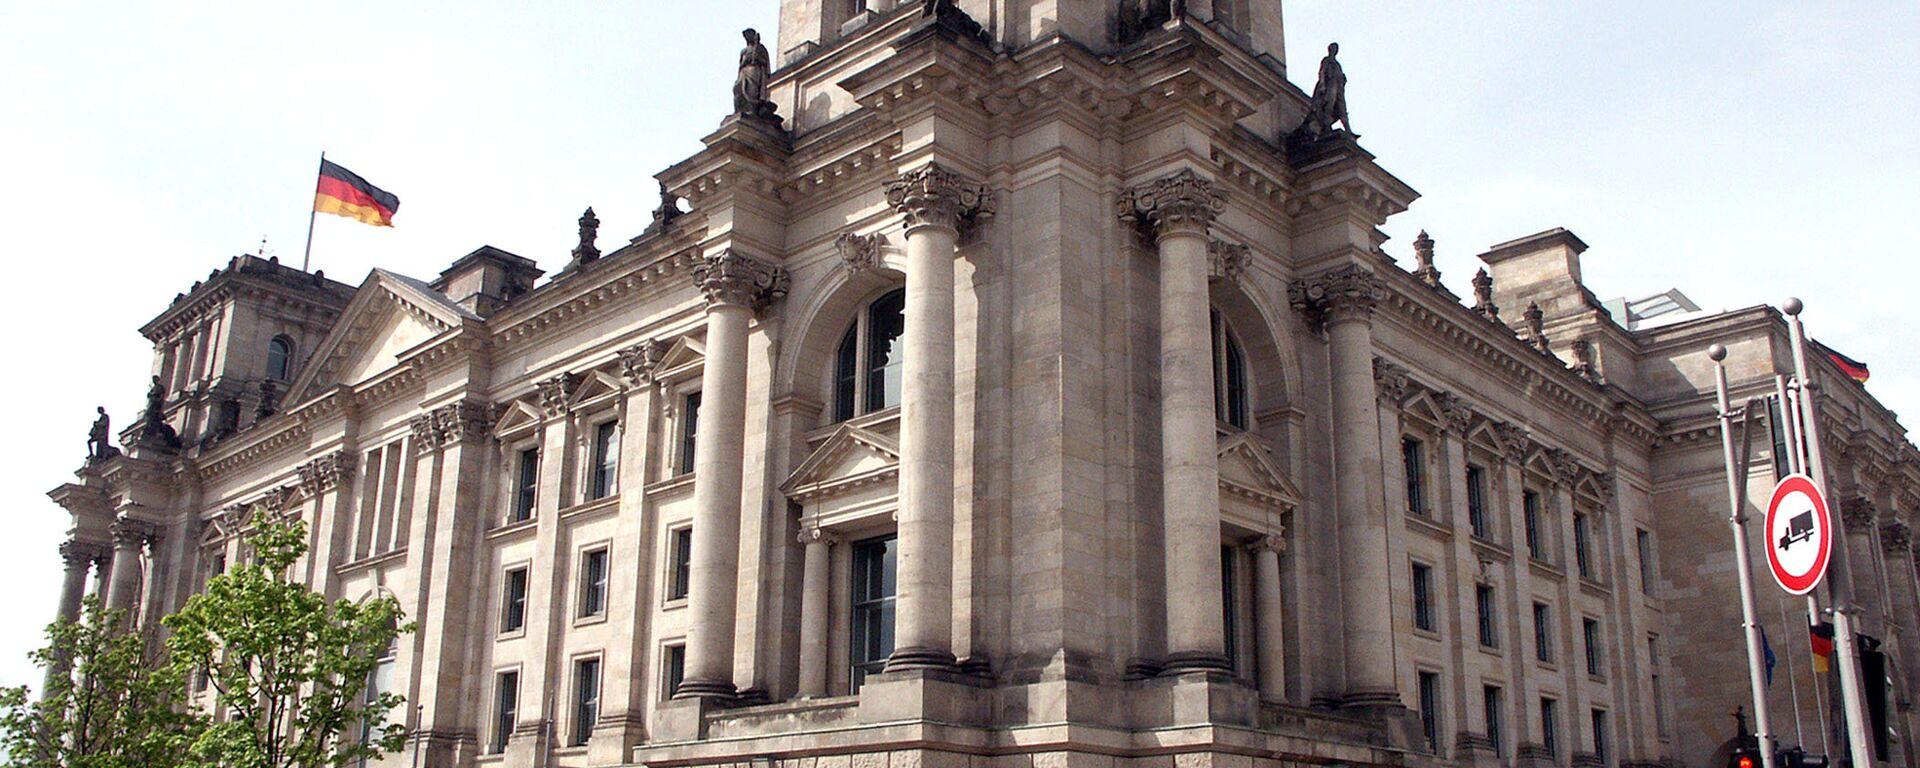 Здание Бундестага (Федерального Собрания Германии) - Sputnik Латвия, 1920, 22.09.2021